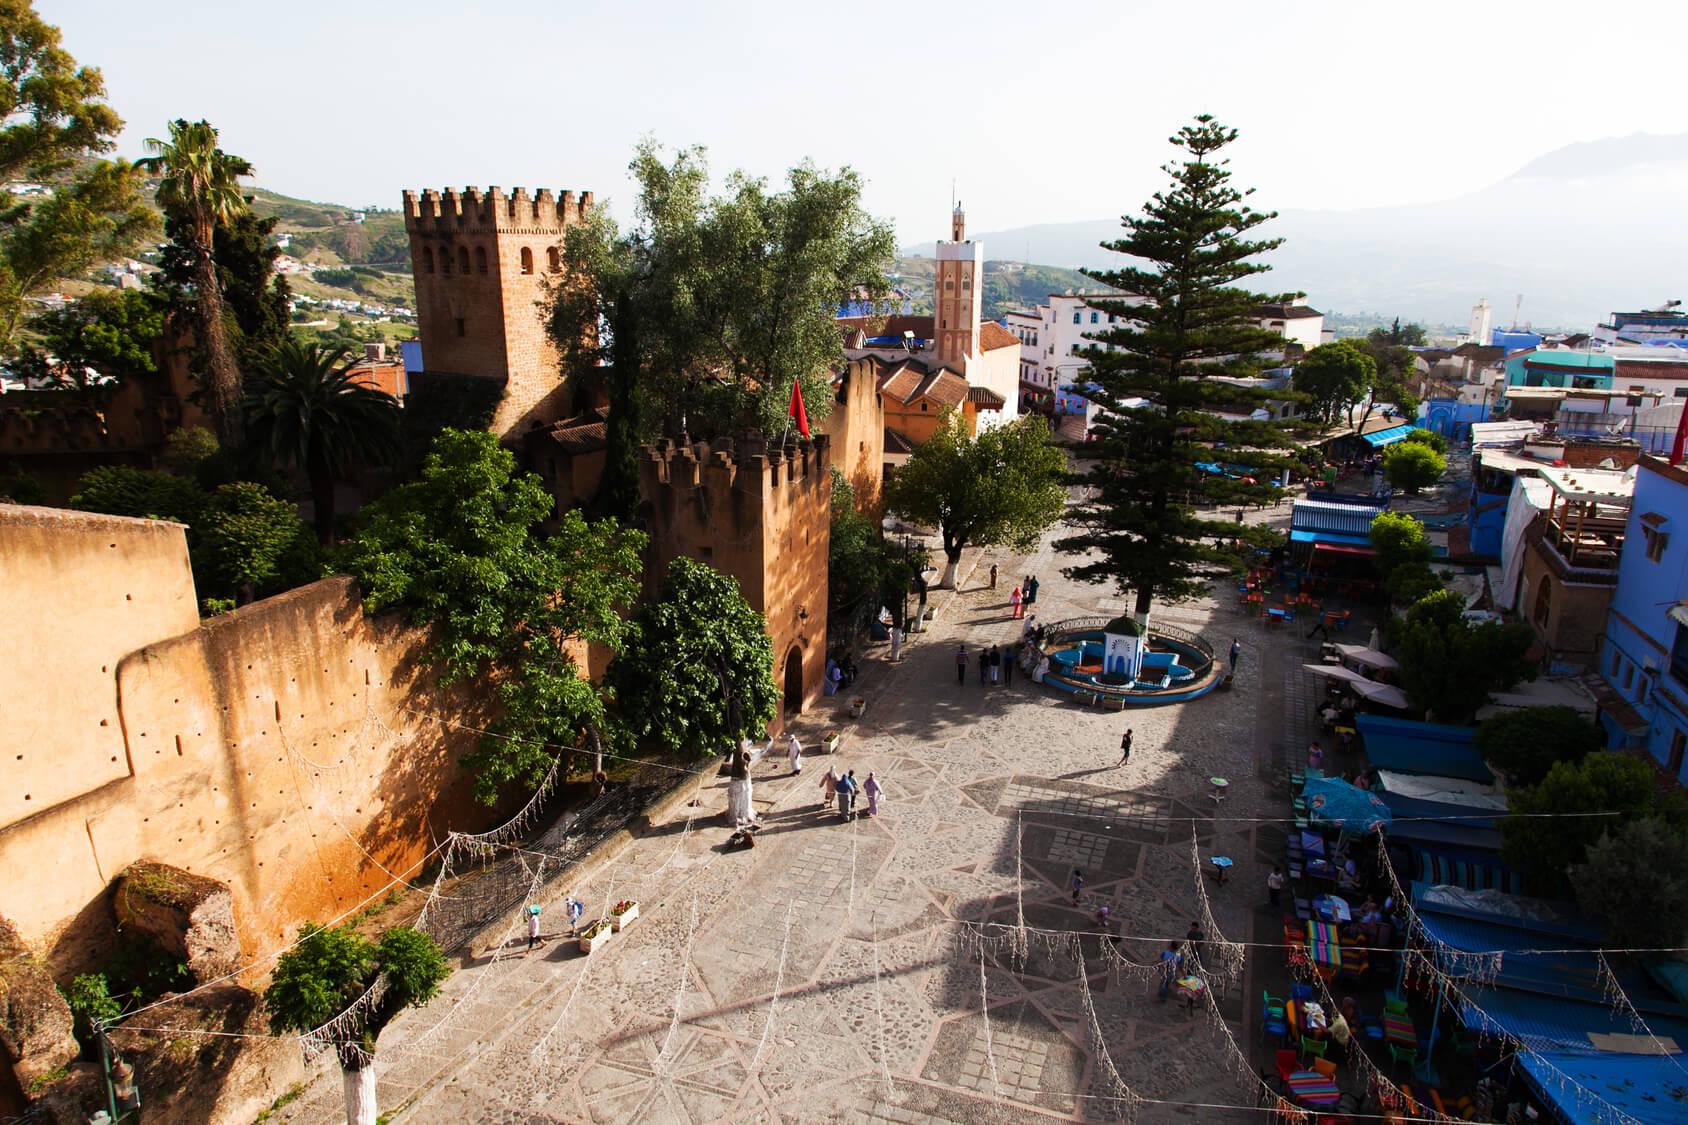 circuito-ciudades-imperiales-marruecos-kasbah-oudaya